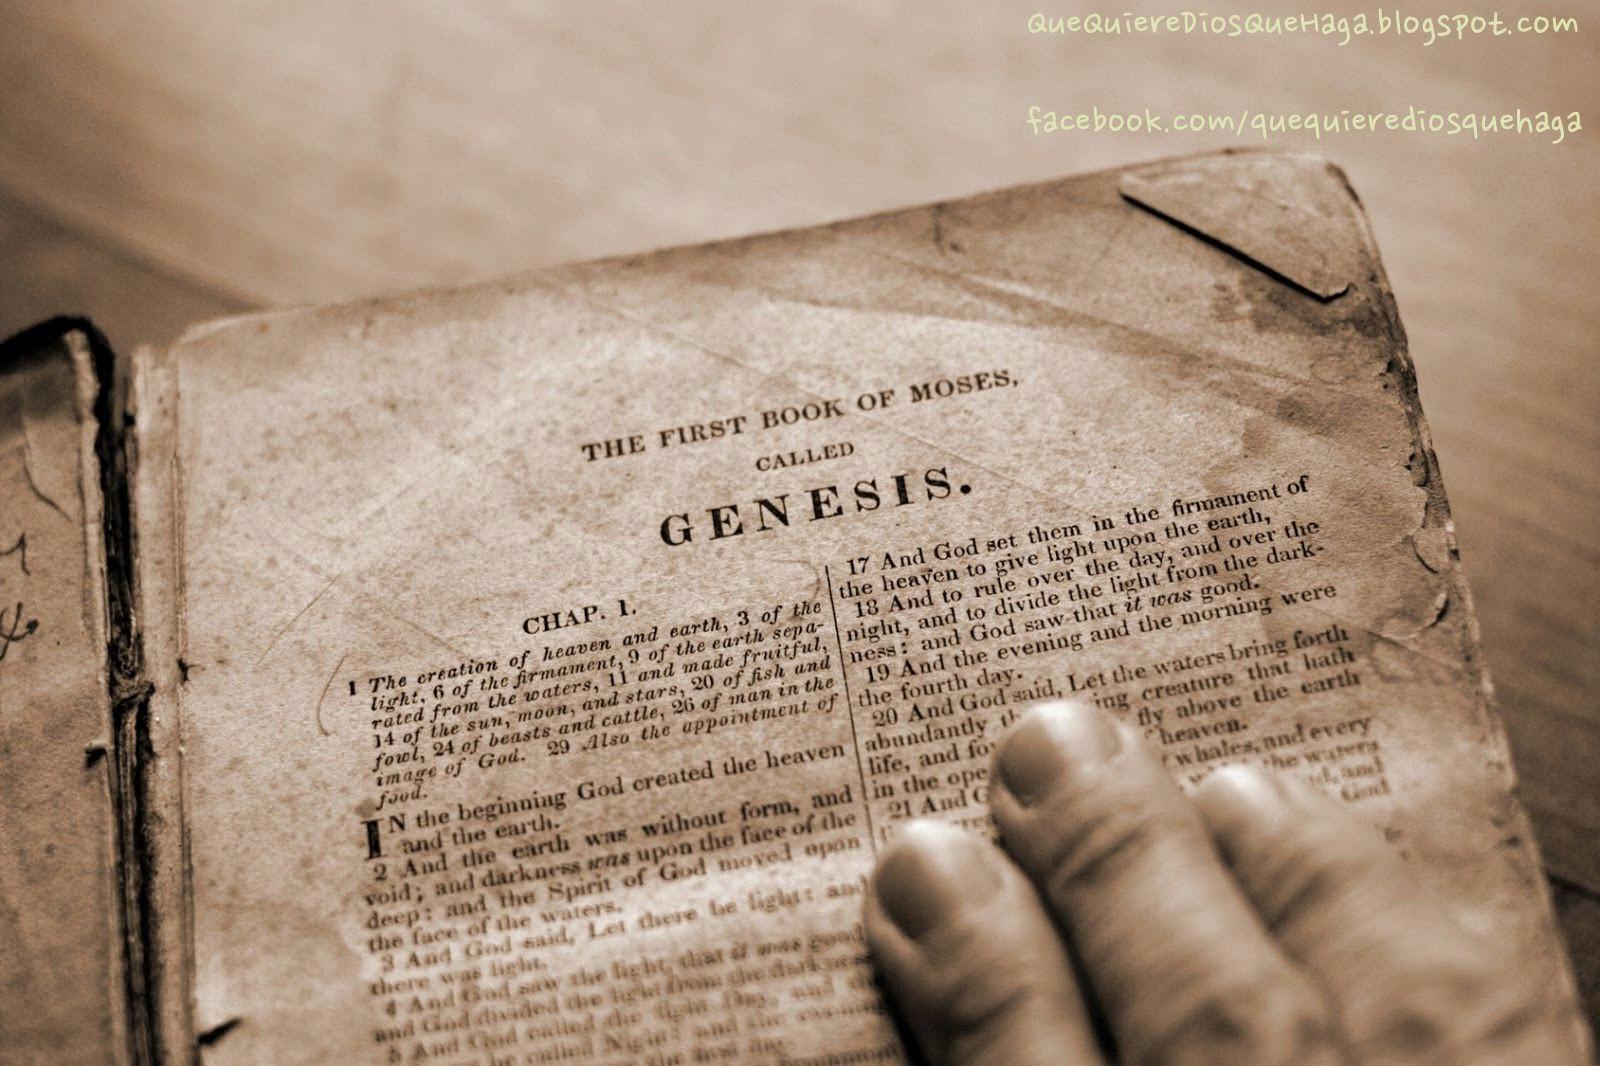 HISTORIA DE LA CREACIÓN DEL MUNDO - ADAN Y EVA EN VIDEO - Genesis - Paraiso